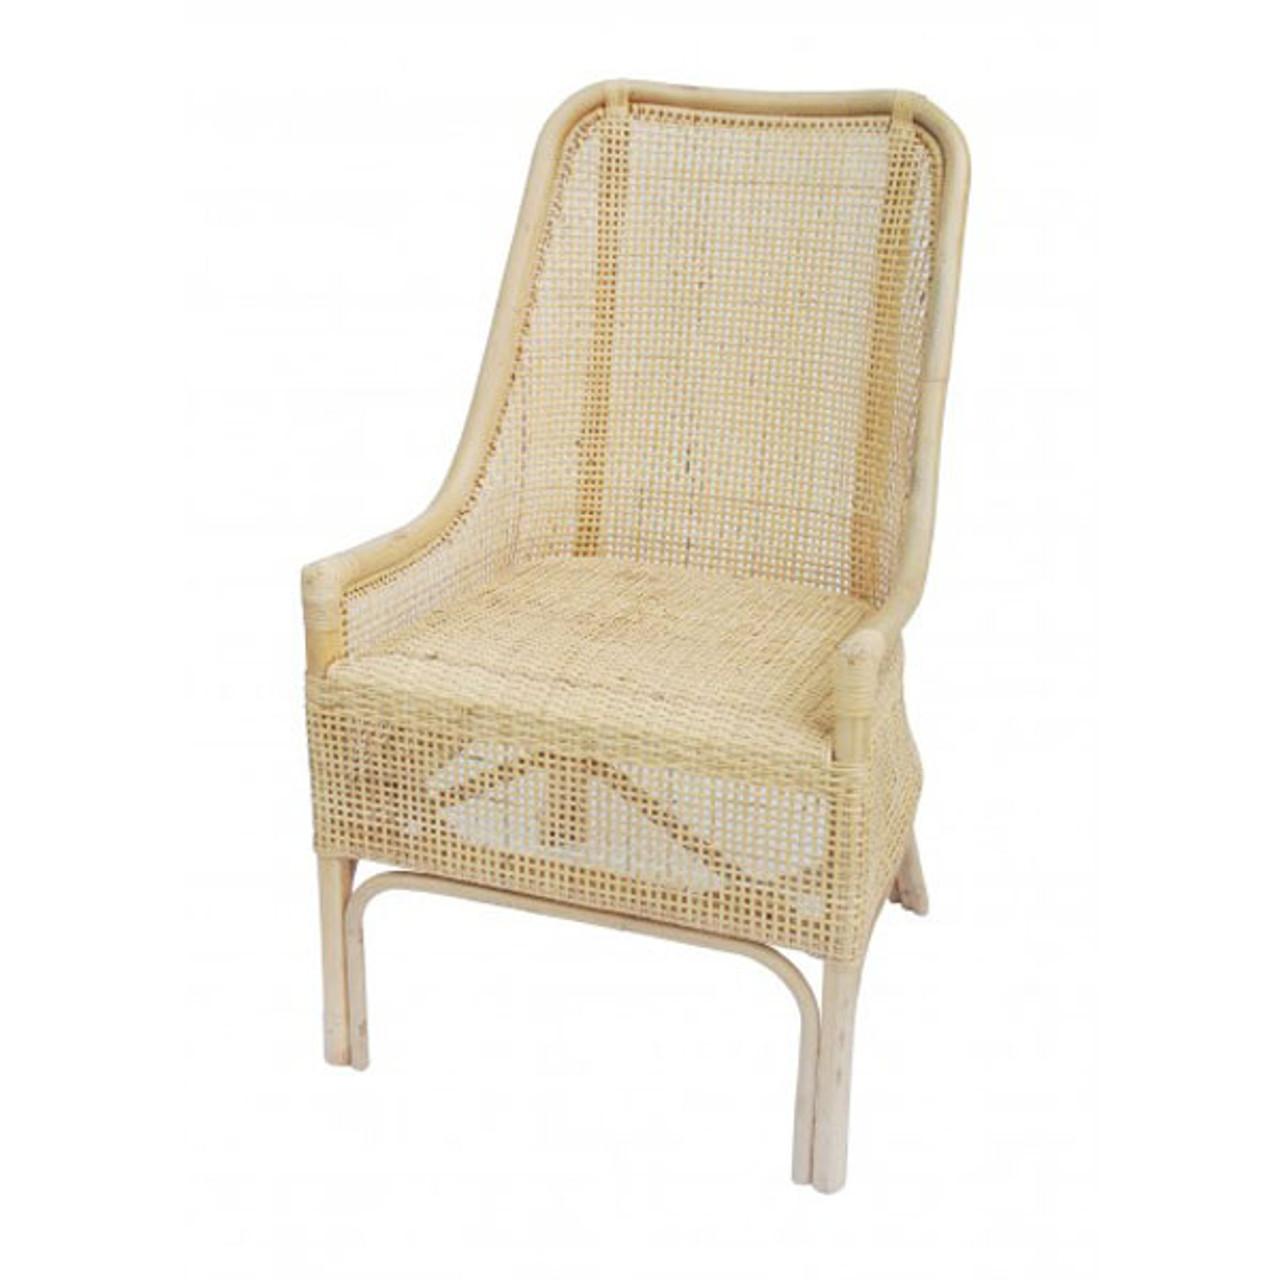 Palm Beach Rattan Dining Chair Whitewash Maison Living